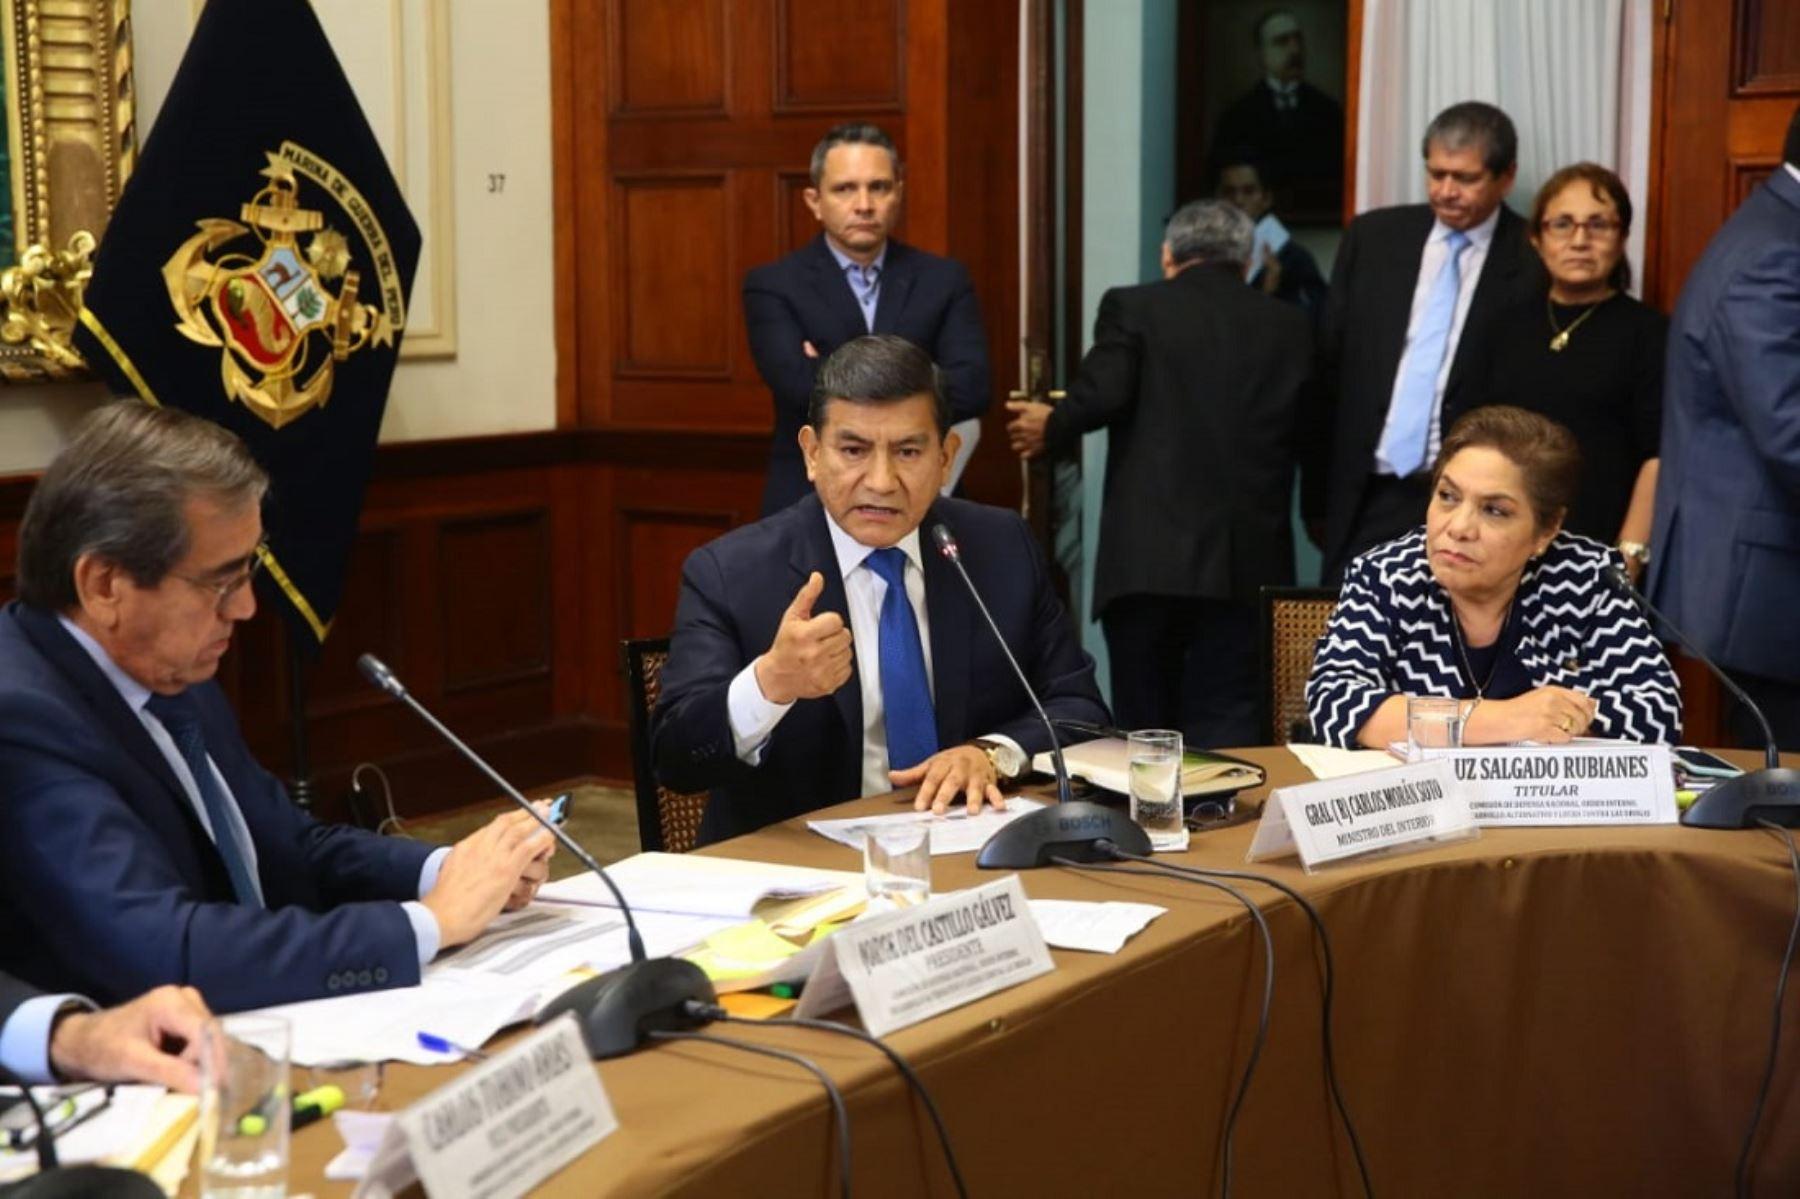 Ministro Carlos Morán se presenta ante Comisión de Defensa del Congreso para explicar la diligencia en la vivienda de Alan García el pasado 17 de abril.